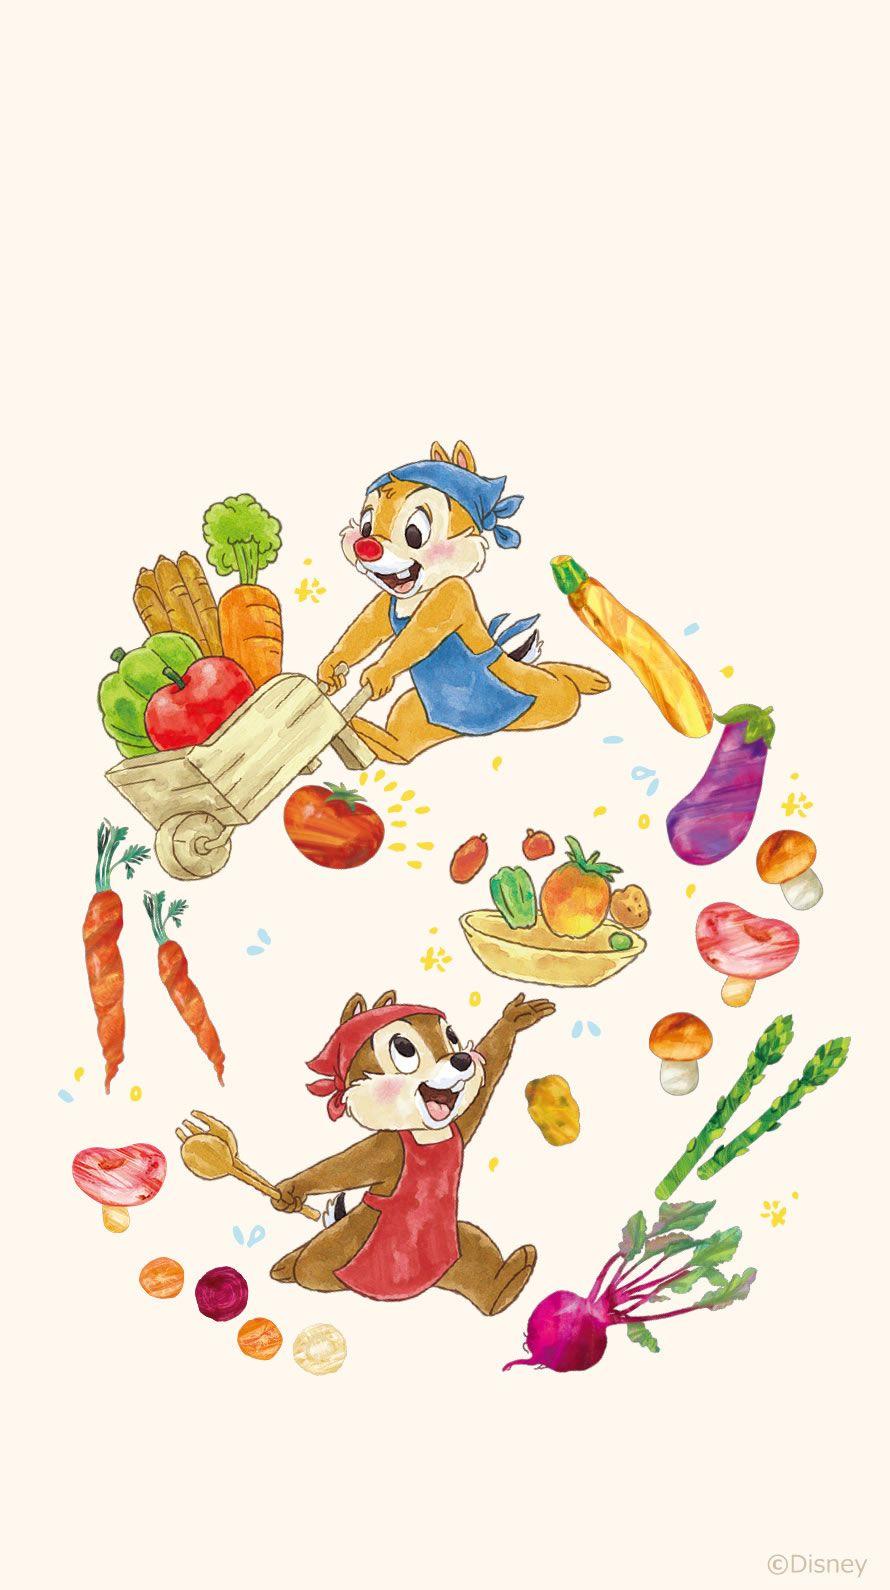 Disney Fan Art おしゃれまとめの人気アイデア Pinterest ℒ 𝑎 𝑢 𝑟 𝑎 ミッキー イラスト ディズニー 可愛い